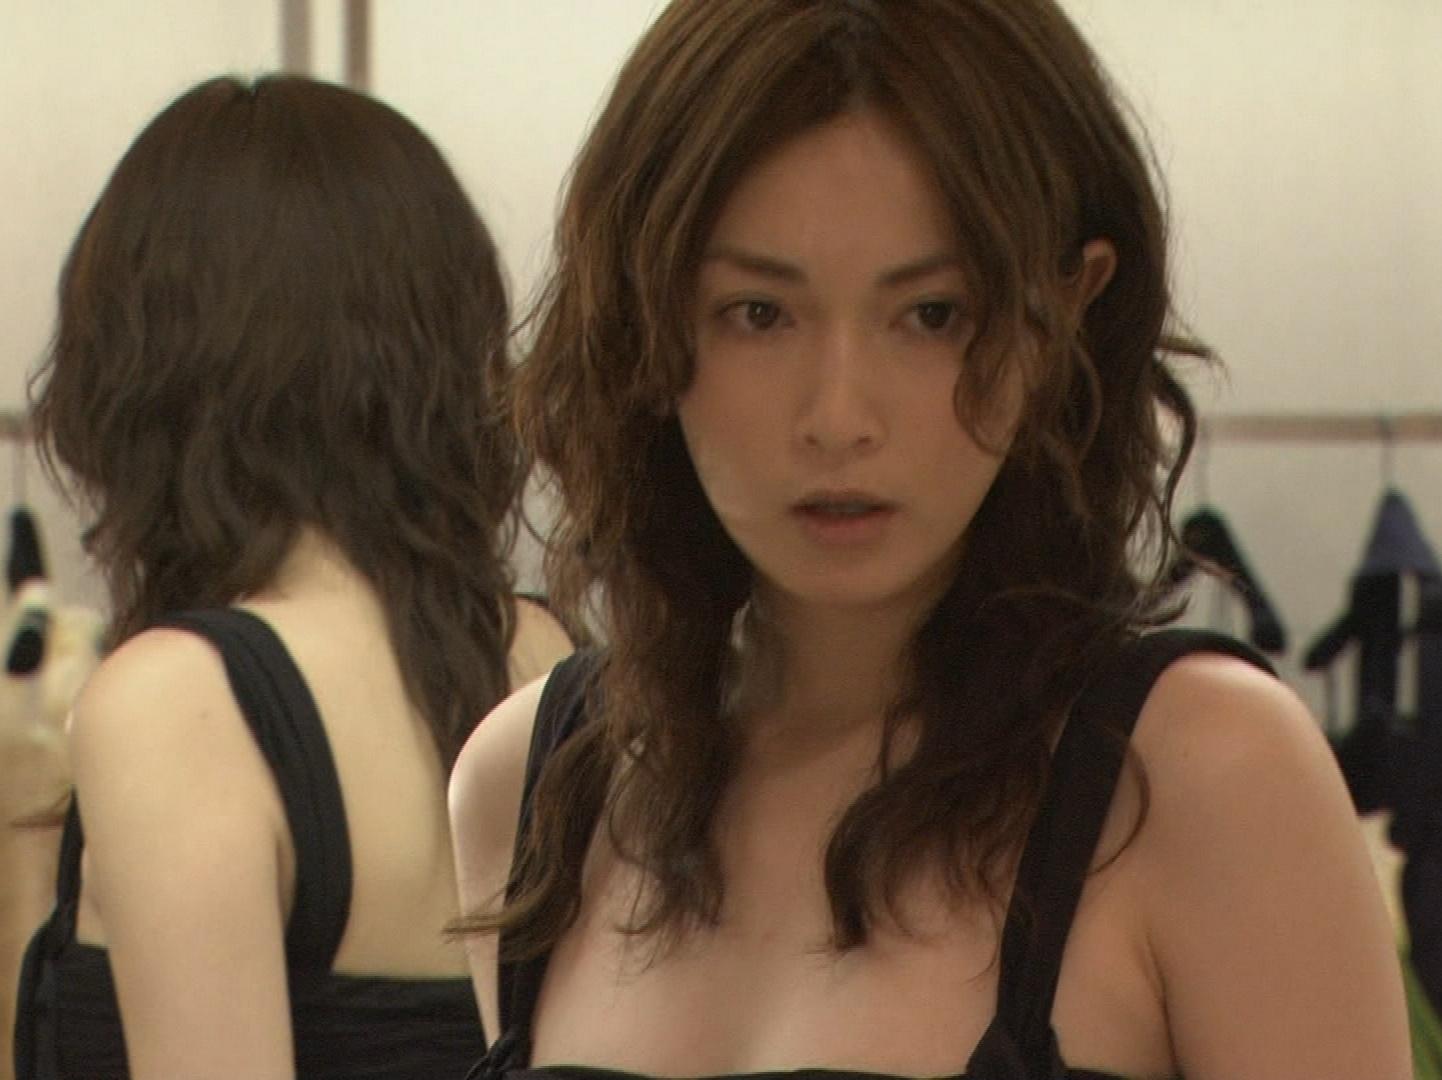 長谷川京子 セクシードレス4着 おっぱいが特にエロい・・・キャプ画像(エロ・アイコラ画像)